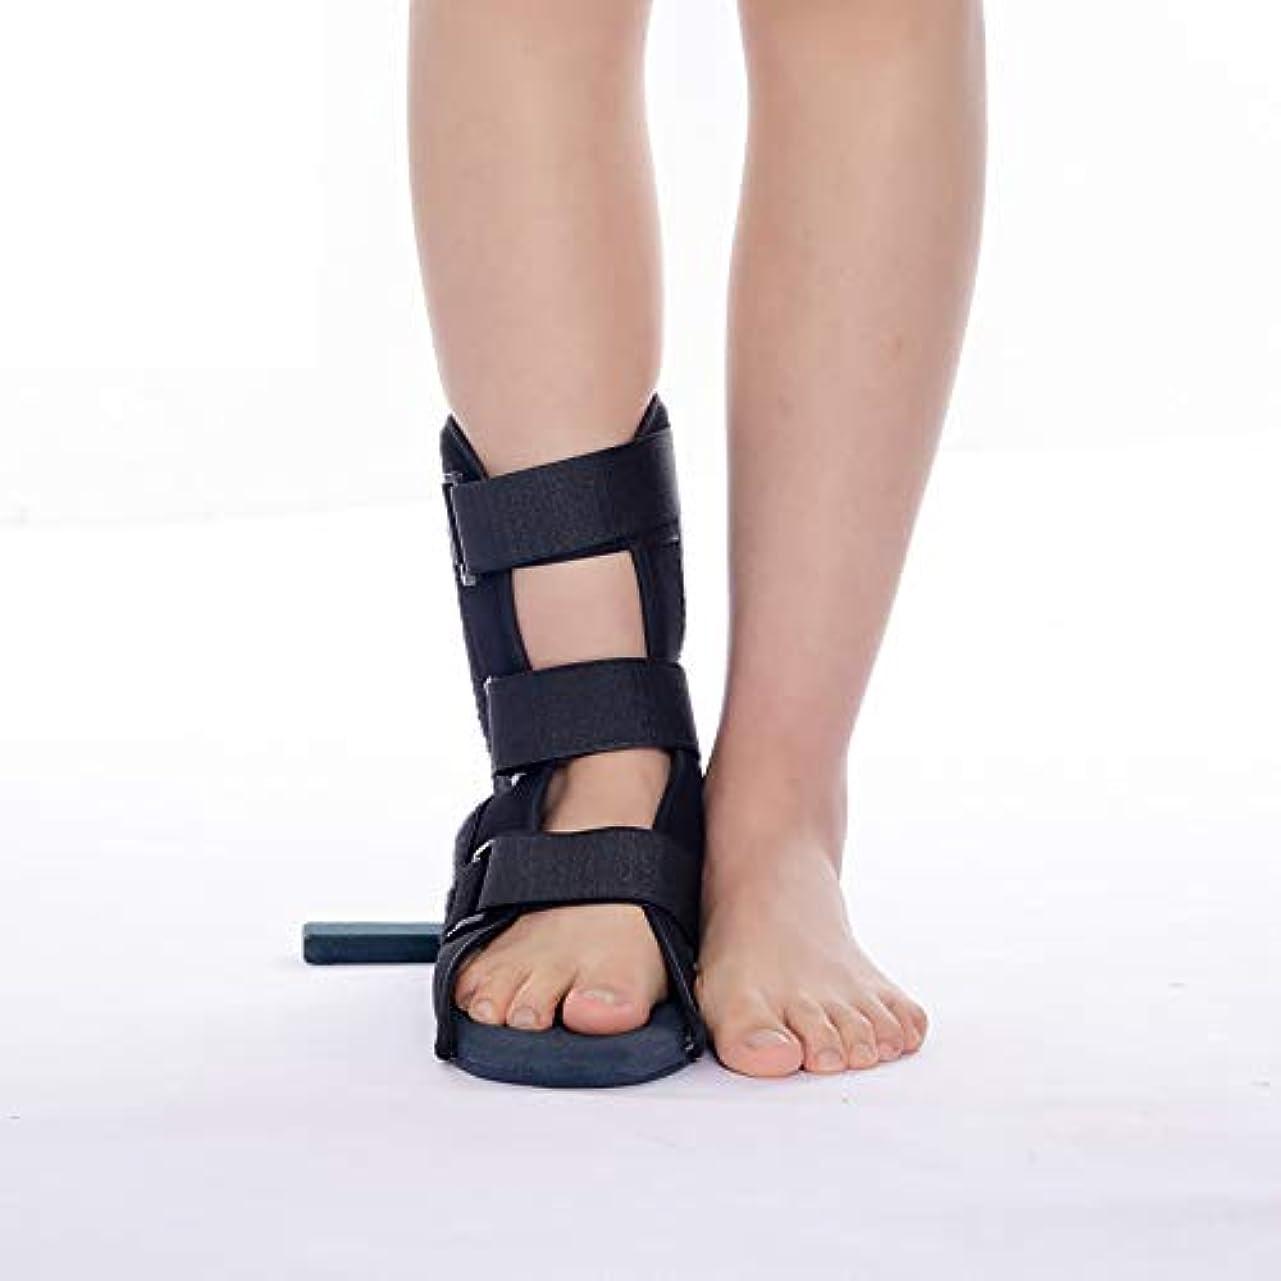 弱点資源見捨てる足固定整形外科用靴足ブレースサポート回転防止足首捻挫スタビライザーブーツ用足首関節捻挫骨折リハビリテーション